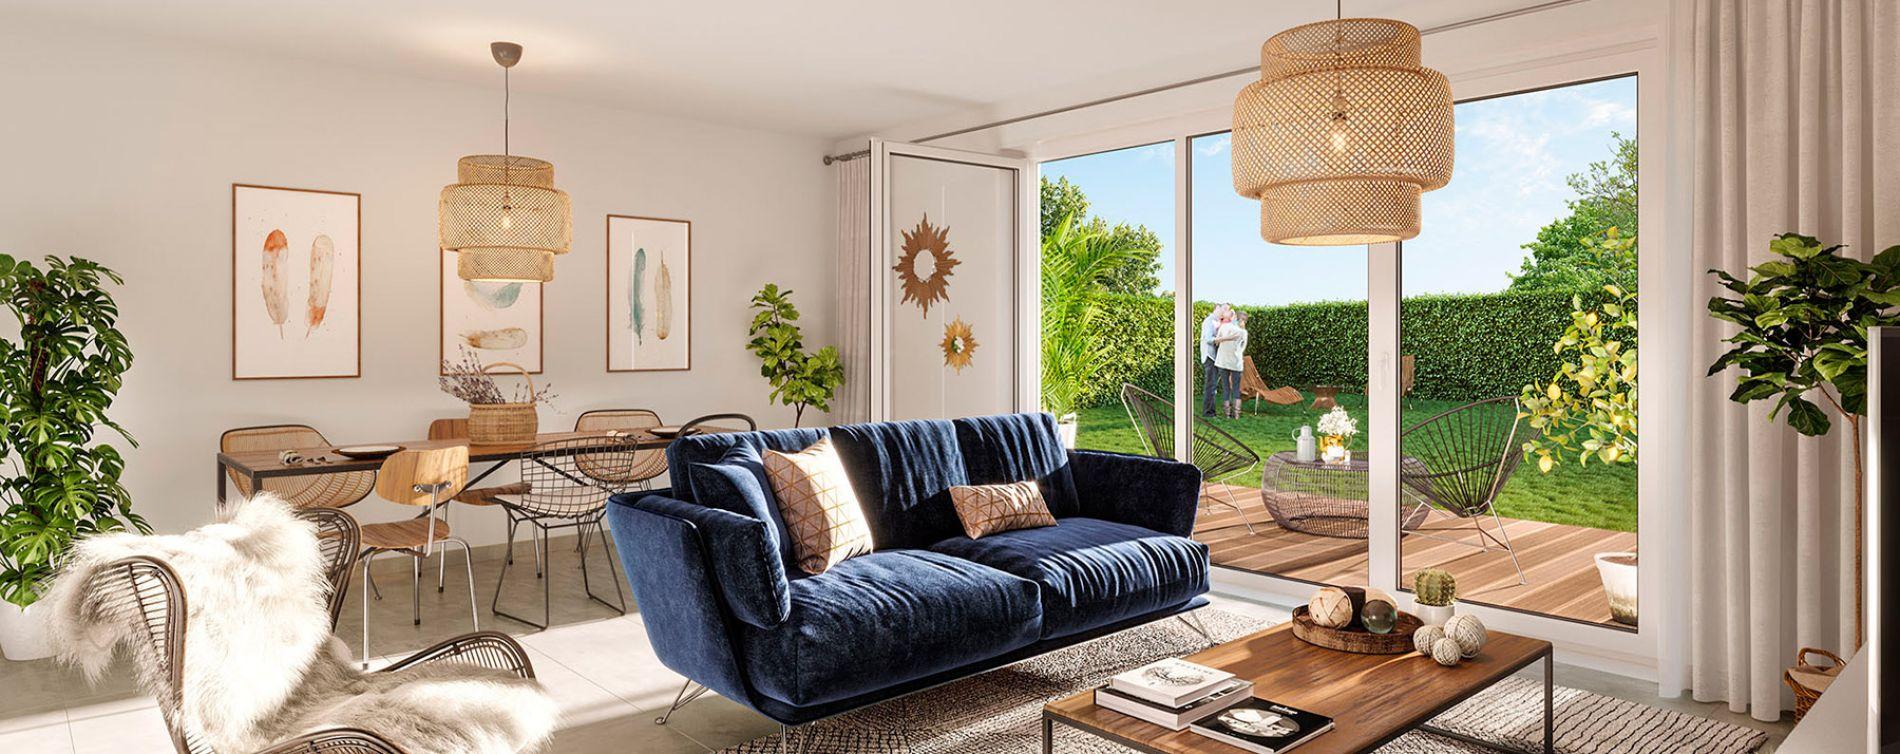 Parempuyre : programme immobilier neuve « Les Villas Pourpres 2 » (4)